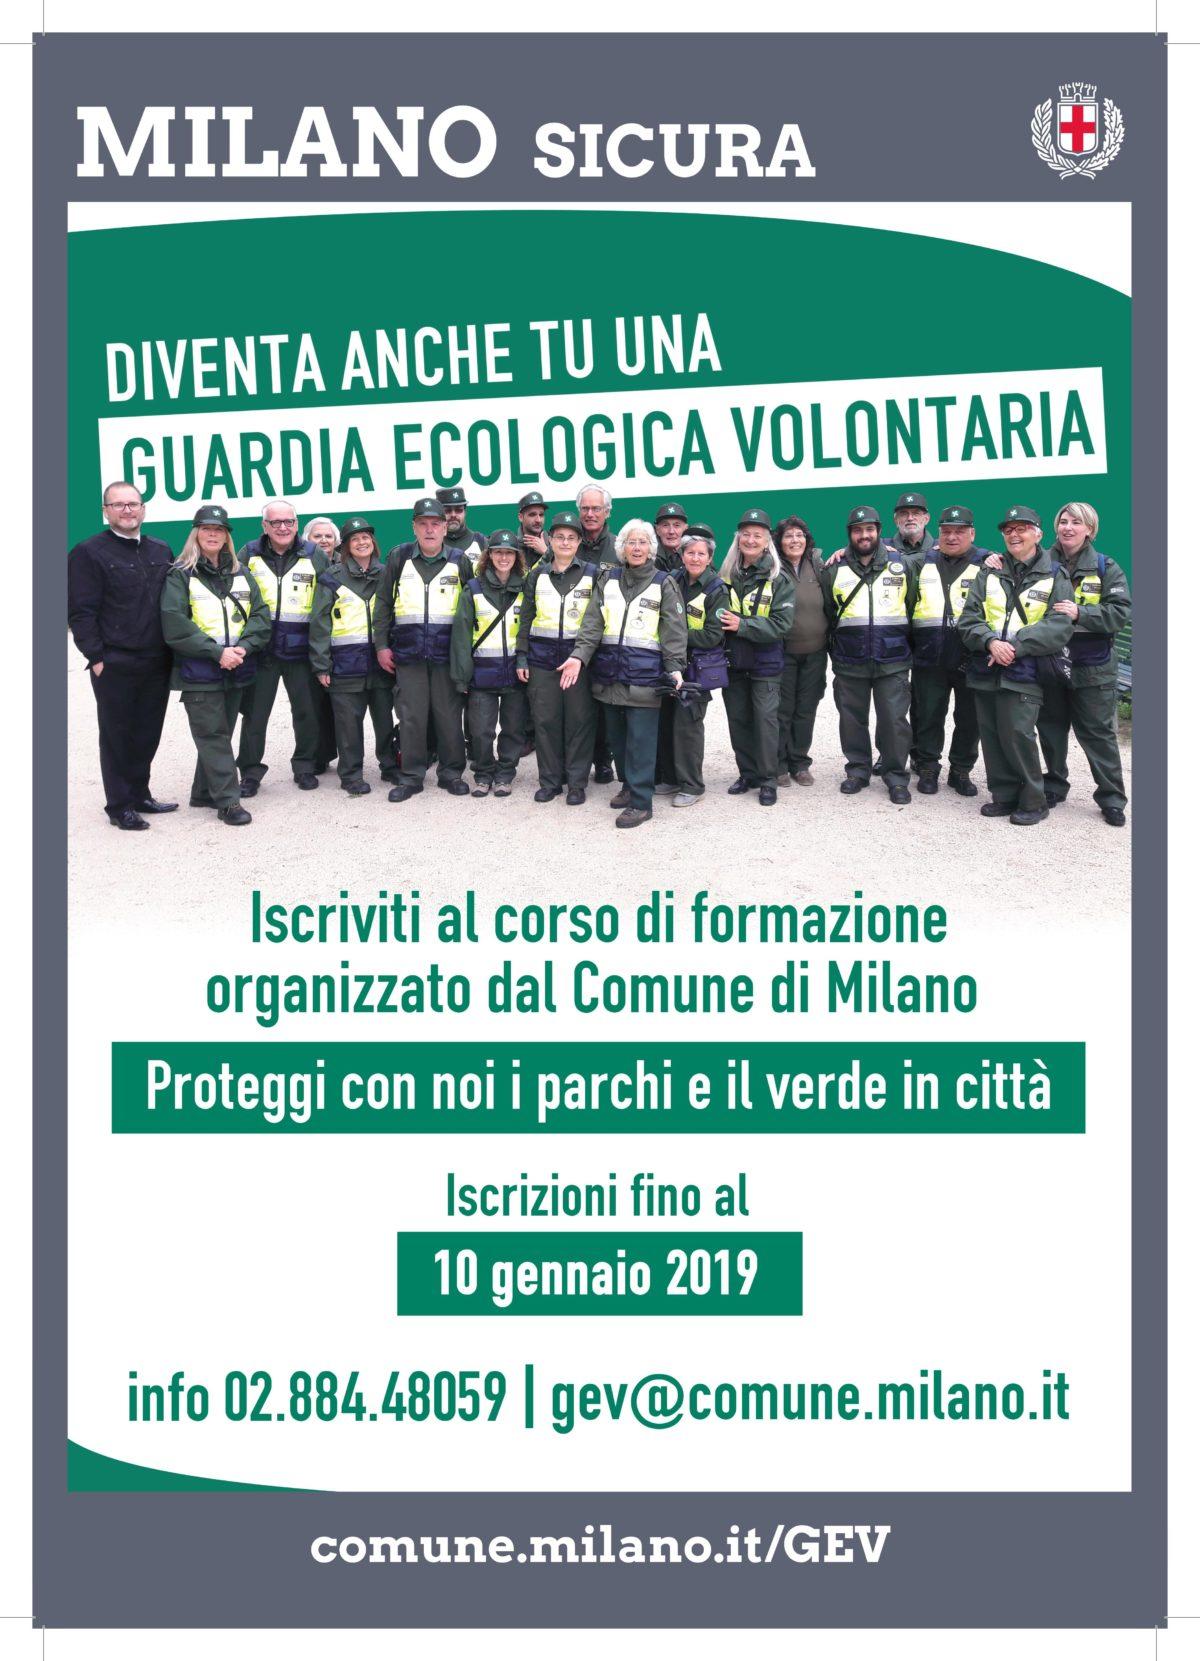 Corso di formazione per aspiranti Guardie Ecologiche Volontarie (GEV)